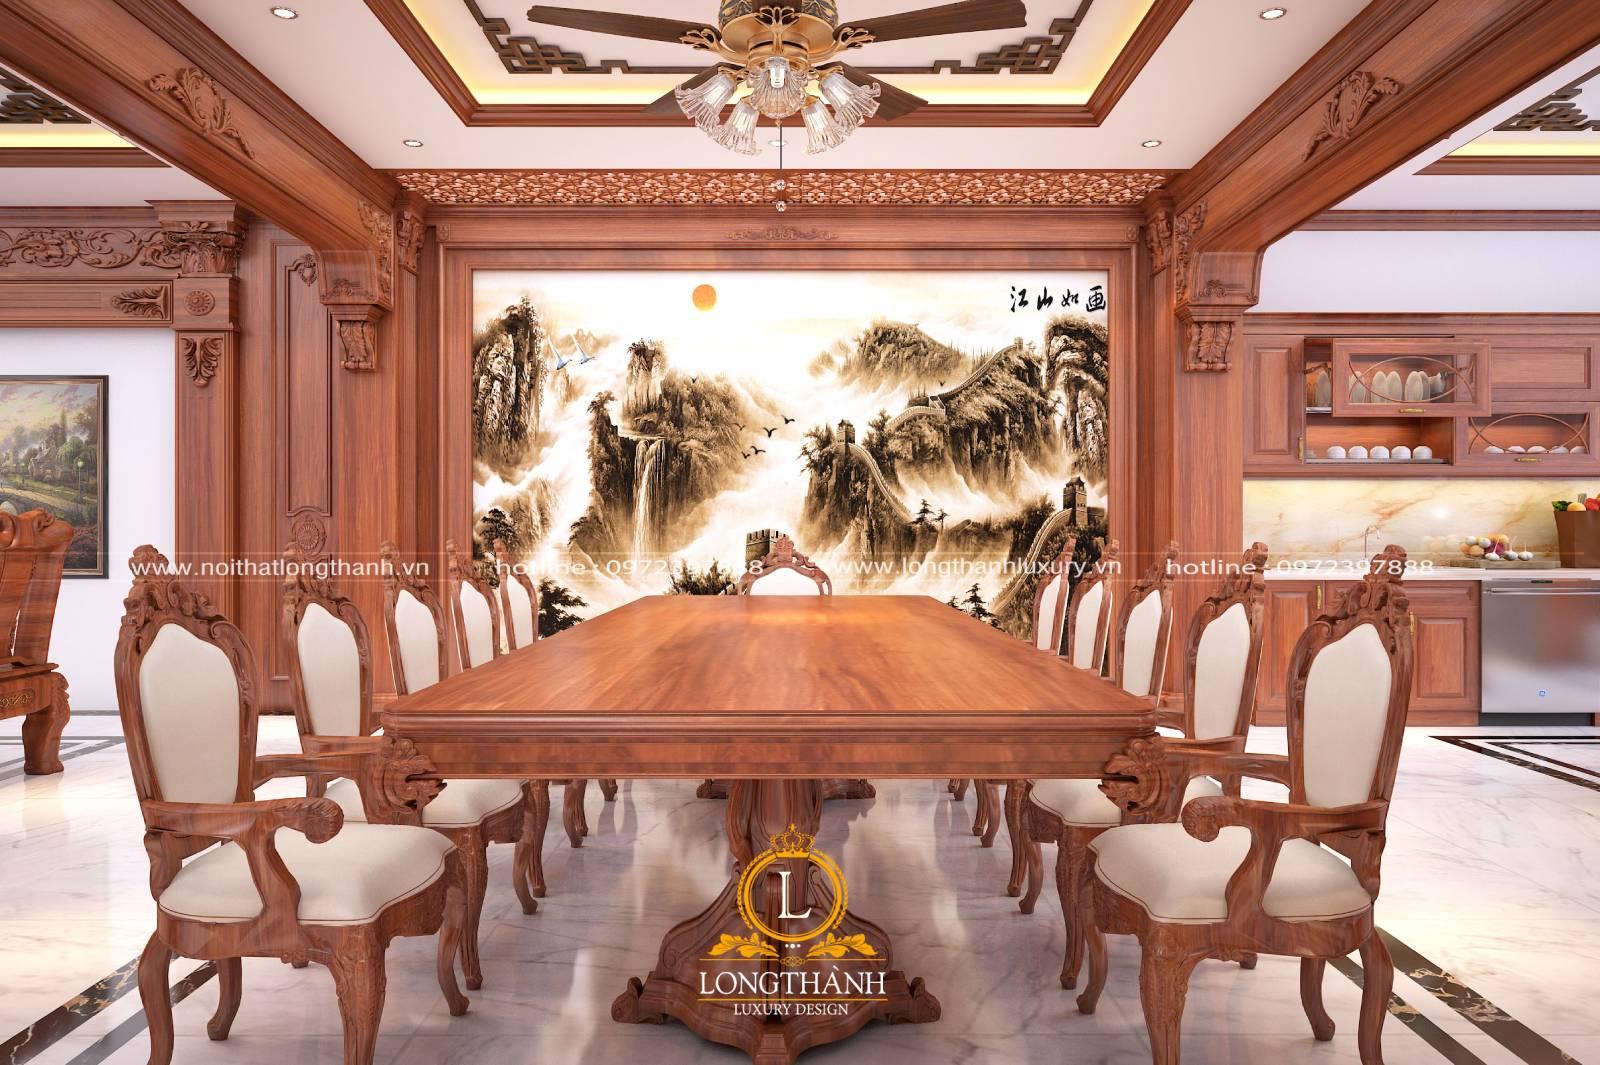 Mẫu bàn ăn tân cổ điển gỗ Gõ cho nhà biệt thự